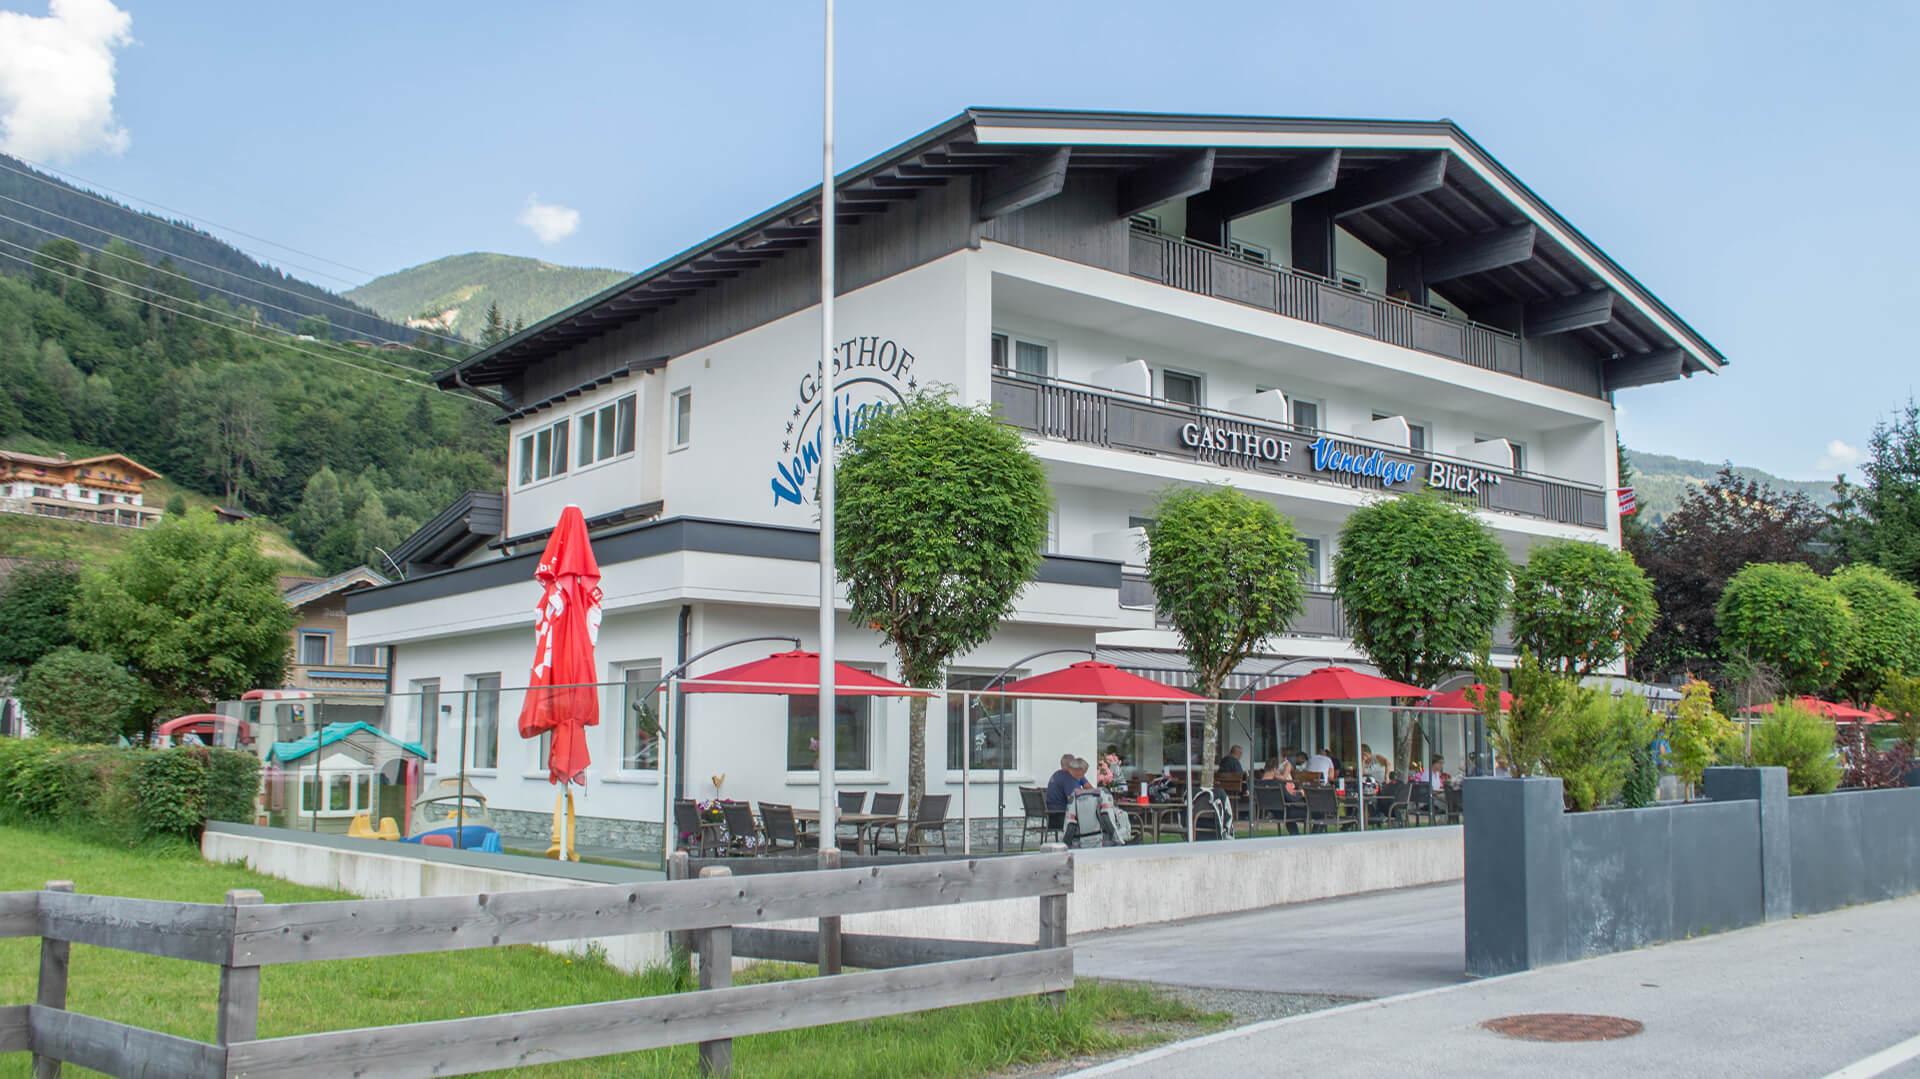 Gasthof-Venedigerbllick-Neukirchen-Hotel-Restaurant-Appartements